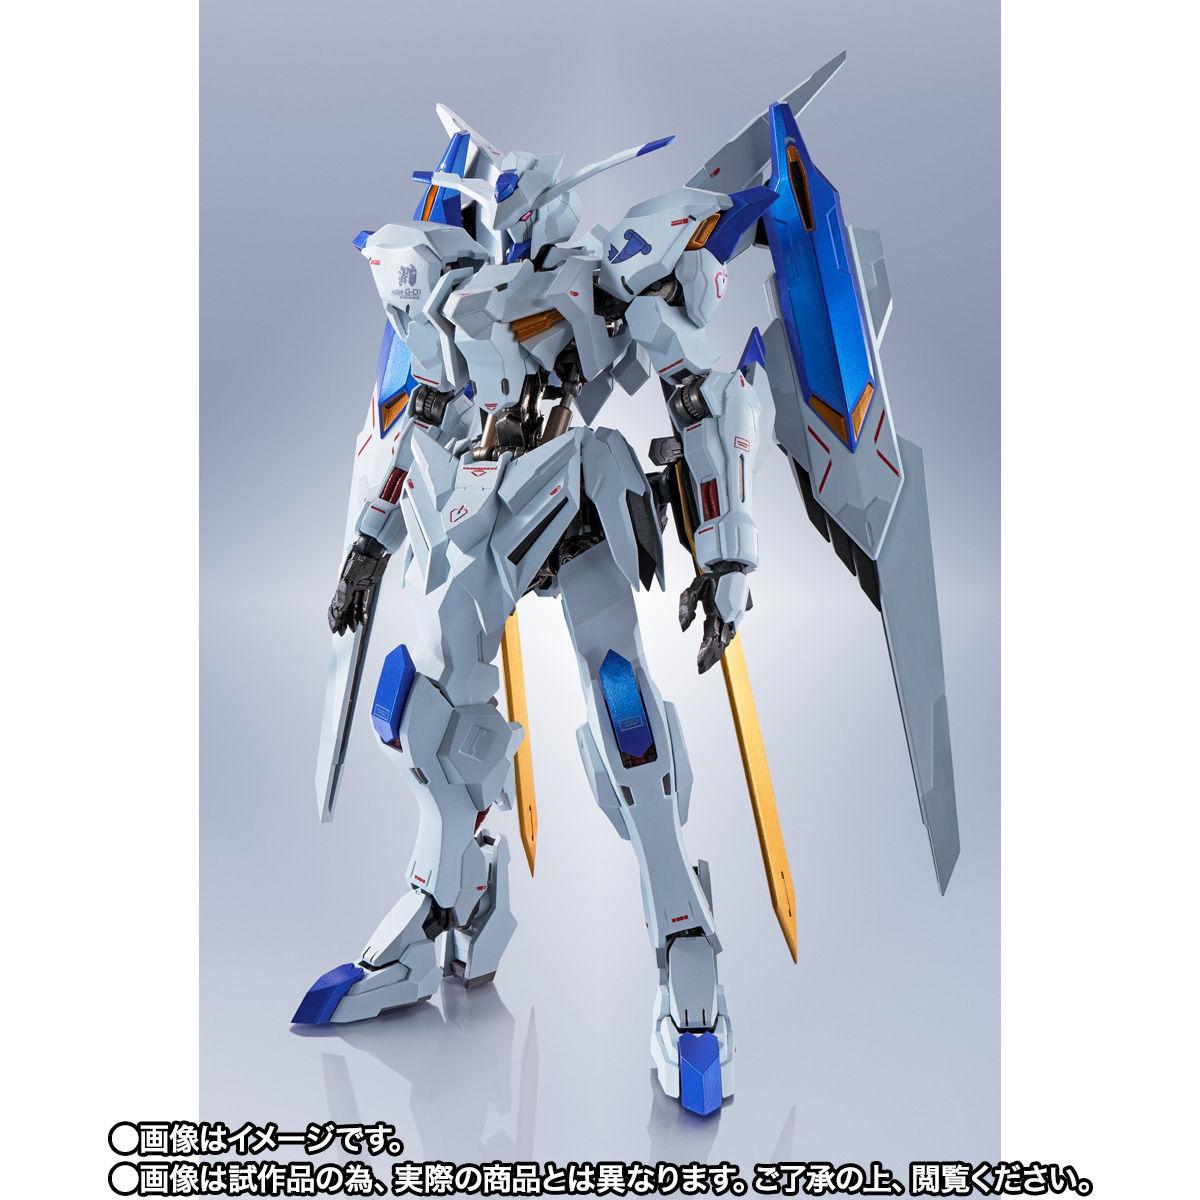 【限定販売】METAL ROBOT魂〈SIDE MS〉『ガンダムバエル』鉄血のオルフェンズ 可動フィギュア-002